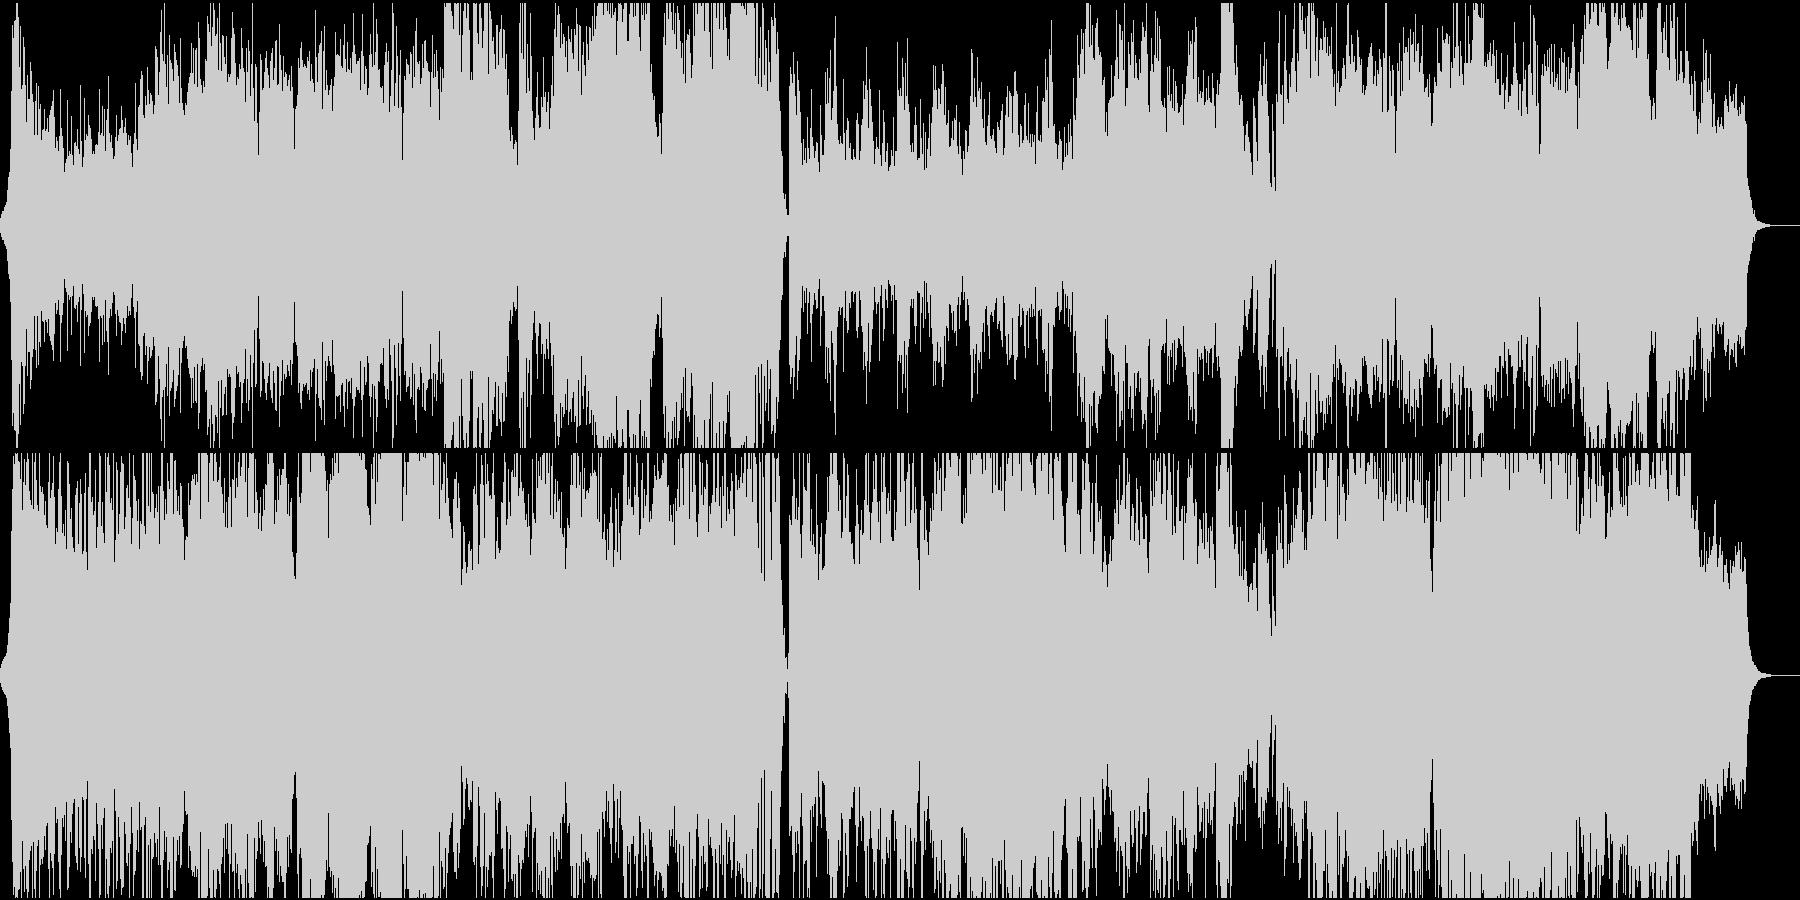 激しいオーケストラとエレキギターのBGMの未再生の波形